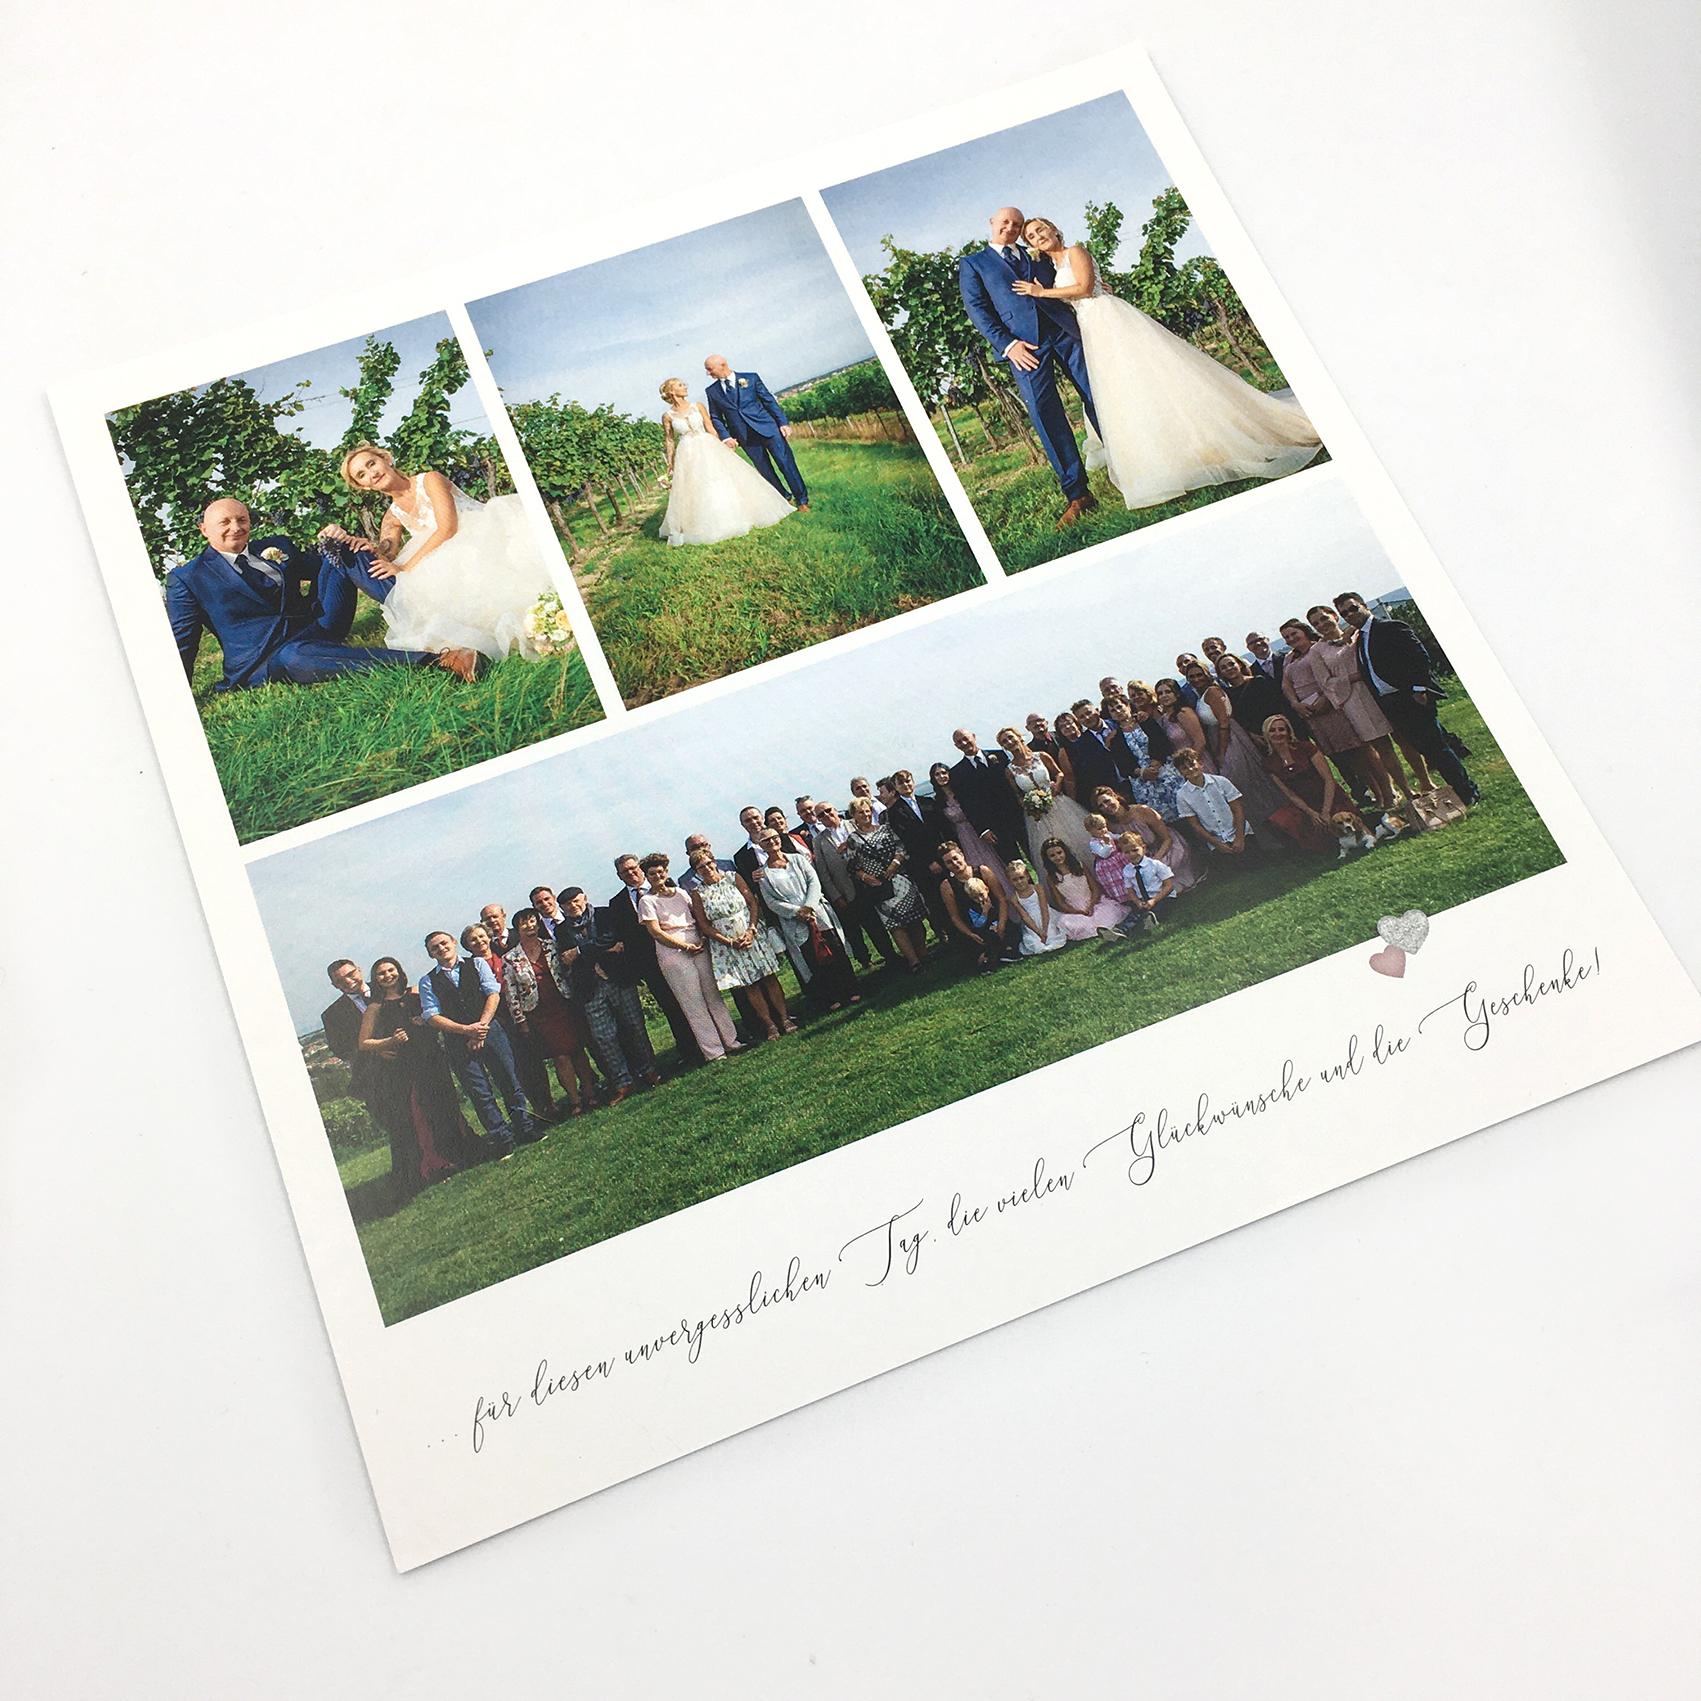 Dankeskarten, Design, Gestaltung, Niederösterreich, Hochzeitseinladung, Katrin Scheichelbauer, Natascha und Jürgen